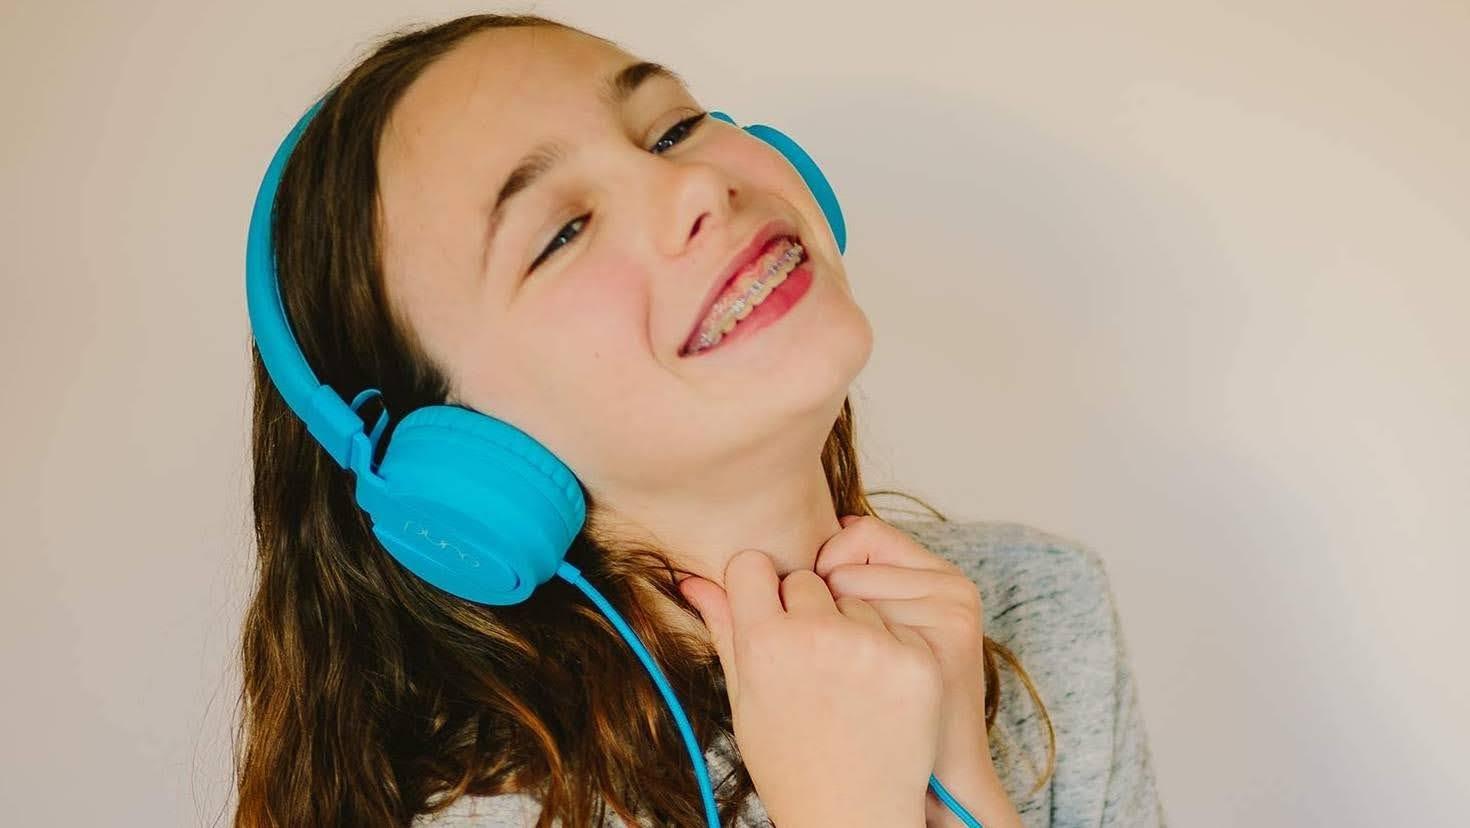 動画視聴やオンライン学習におすすめ!子どもの耳を守るヘッドホン